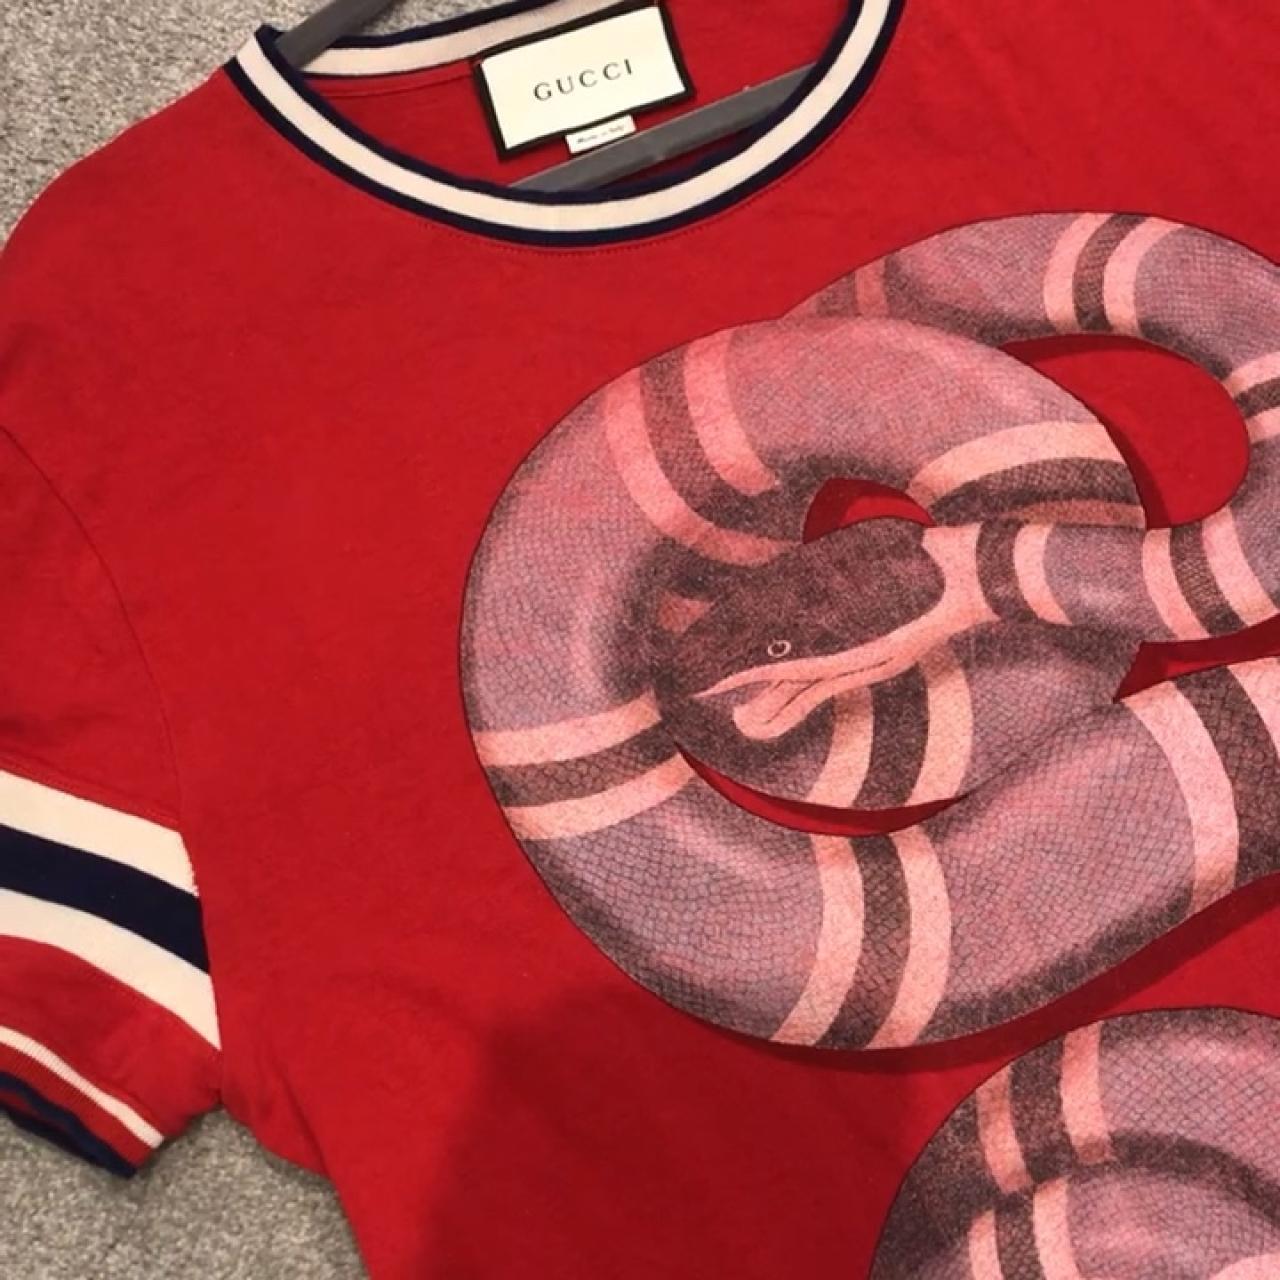 af2051e142e7 @sasharabella. 2 months ago. Dartford, United Kingdom. Men's red Gucci  snakes tshirt size Large.